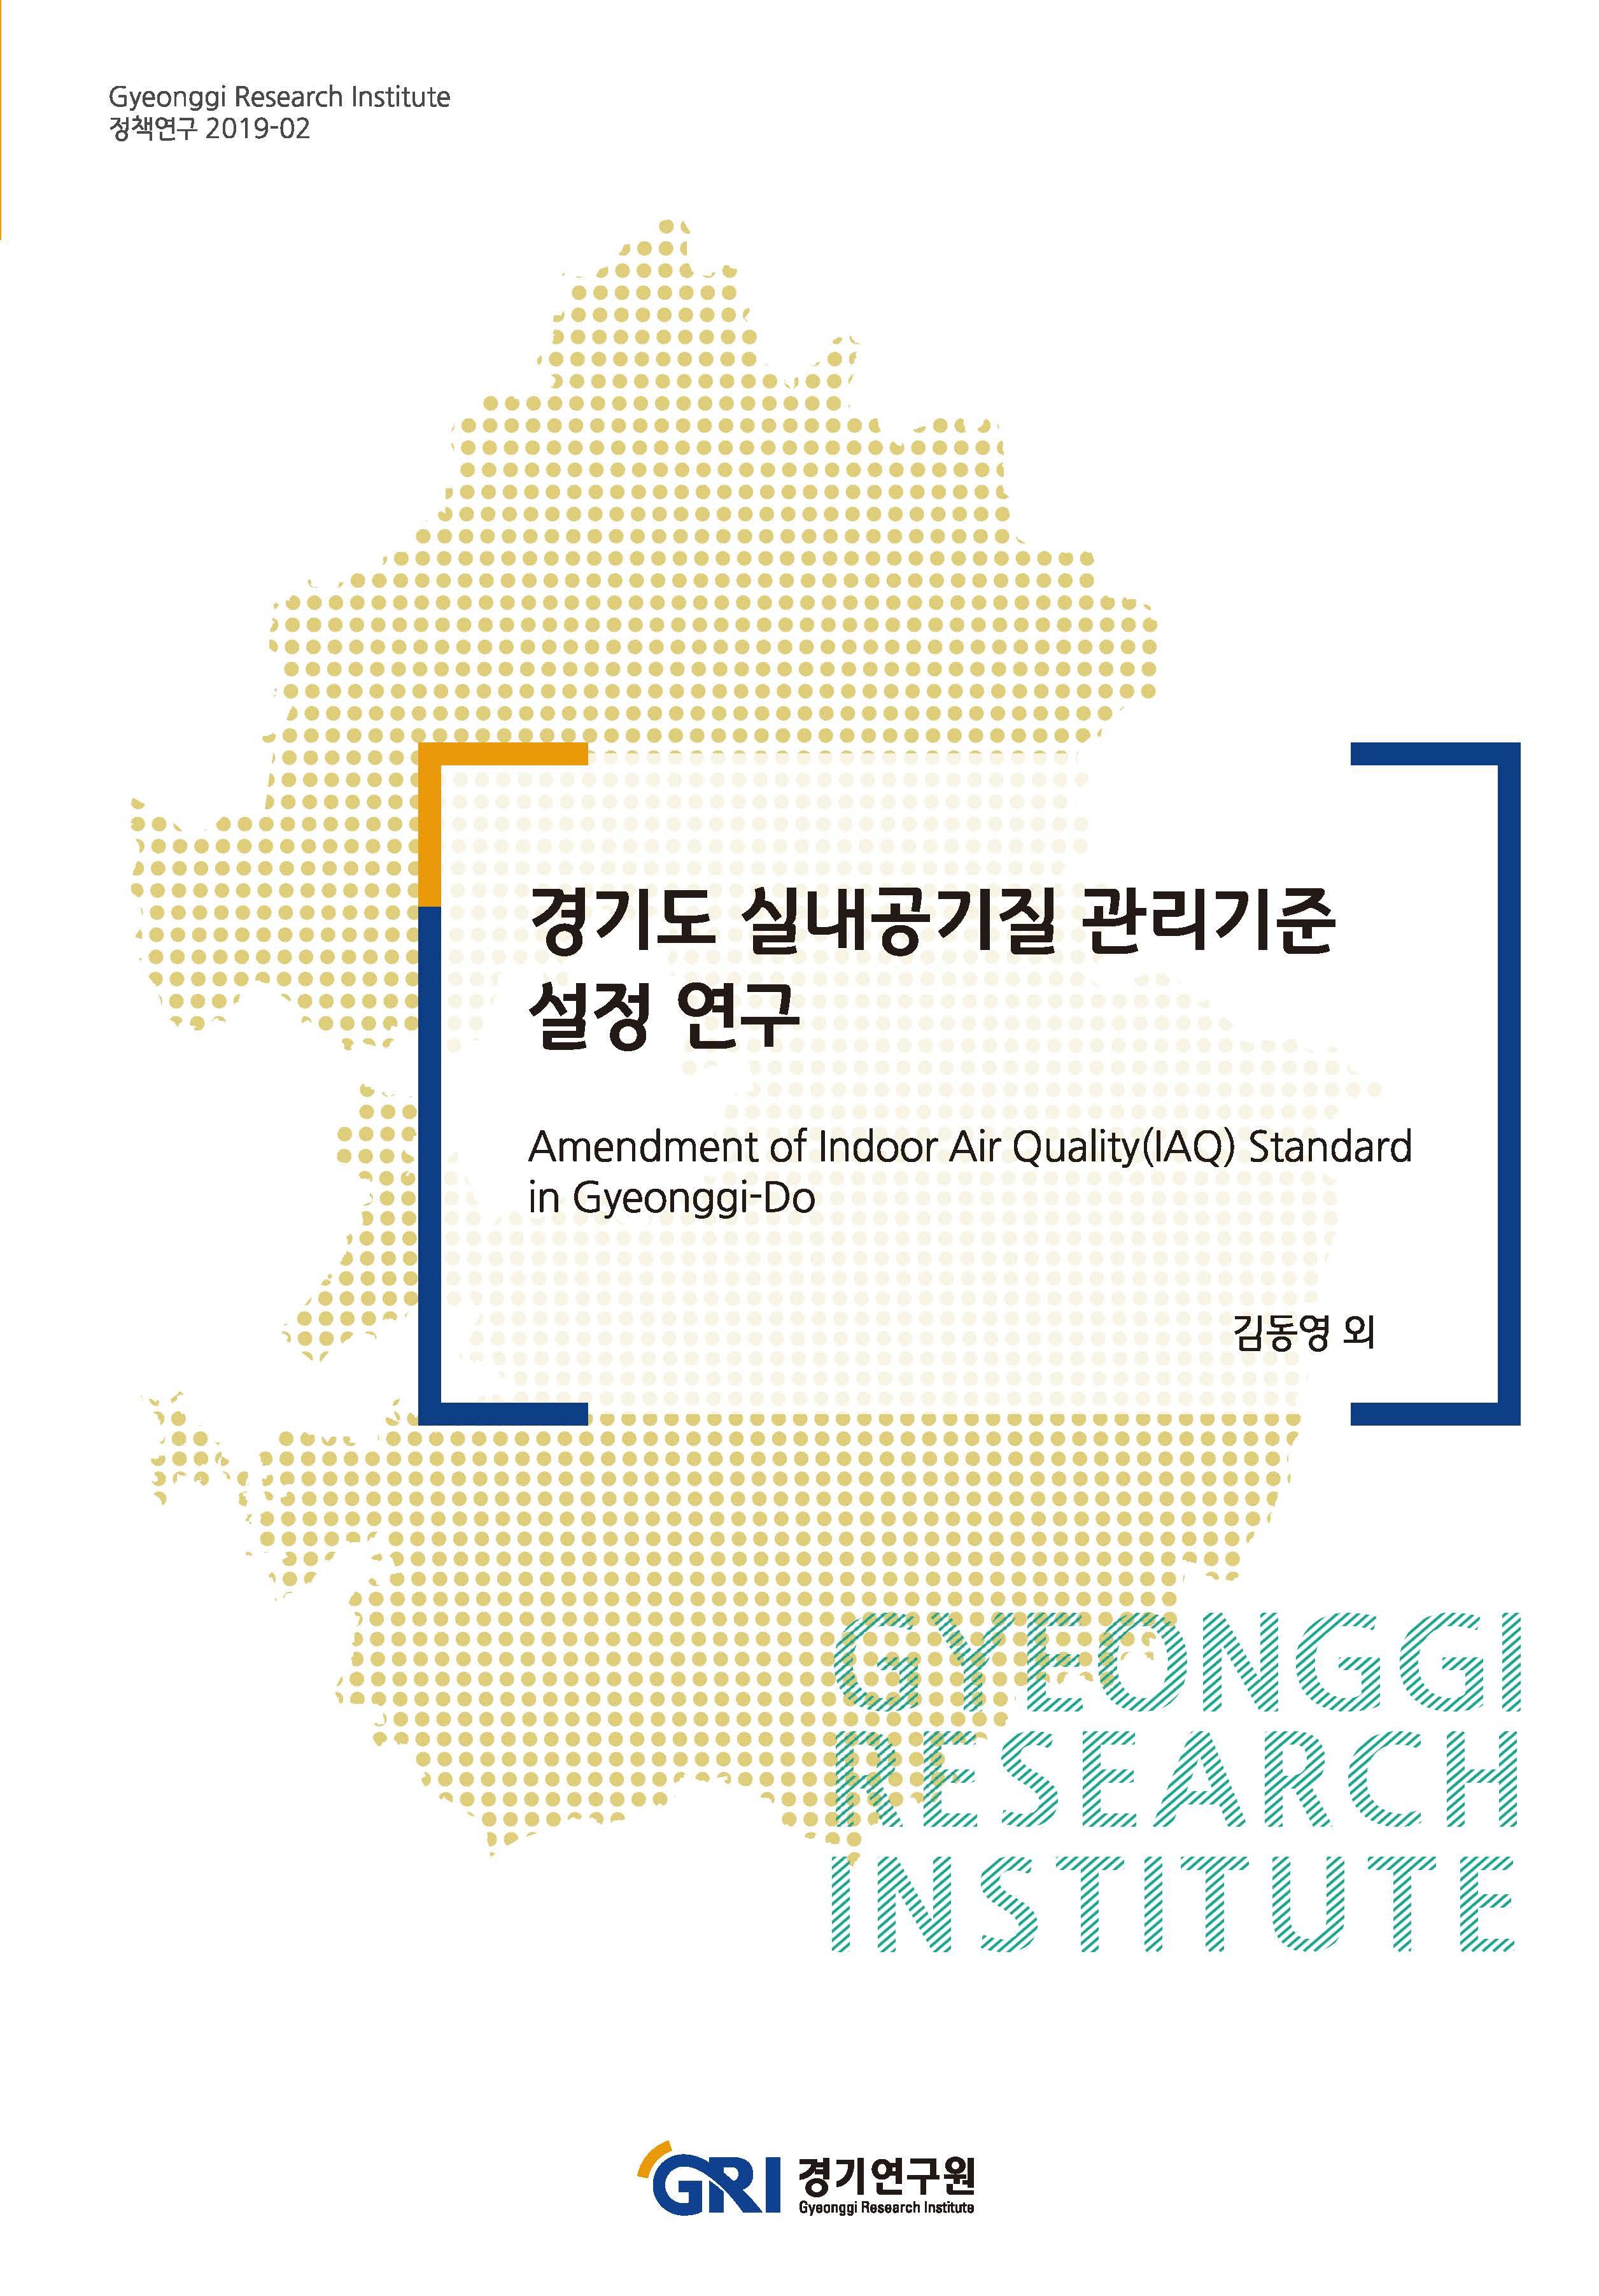 경기도 실내공기질 관리기준 설정 연구